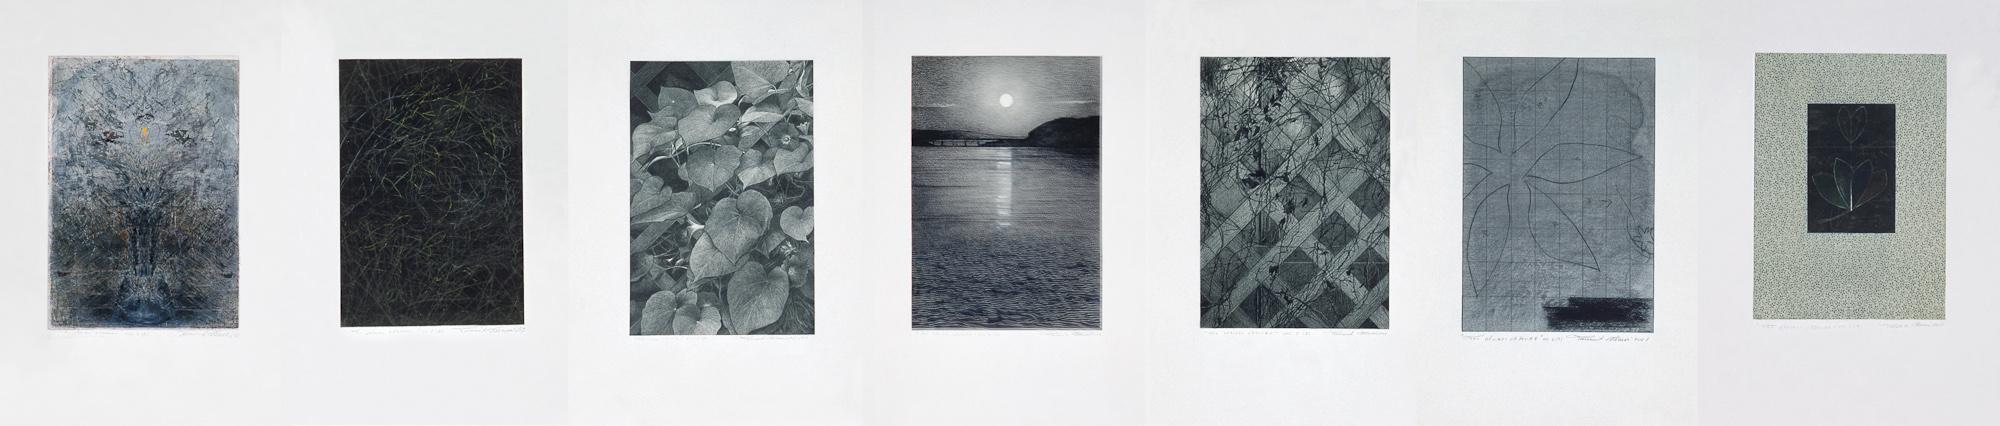 Les clairs-obscurs - Série B, 1998 - 2001. Techniques mixtes sur papier fort, 42,5 x 210 cm.